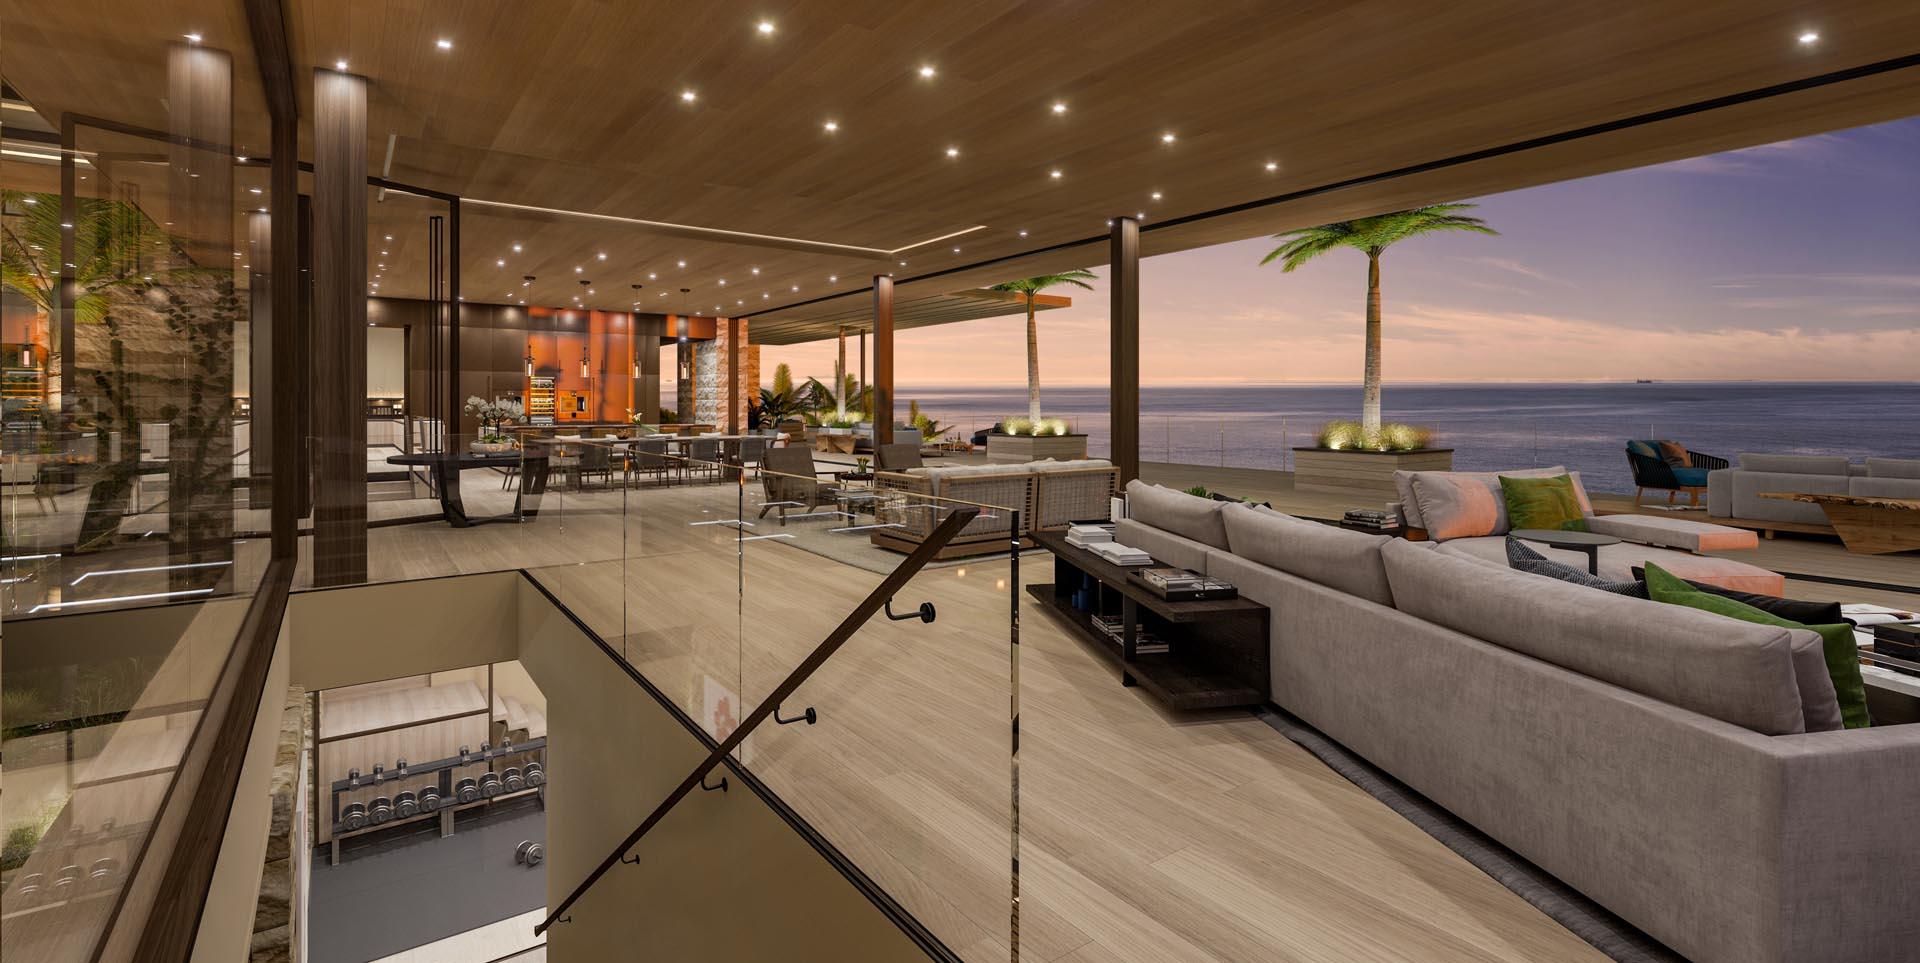 Lot 14 Marisol Malibu Great Room